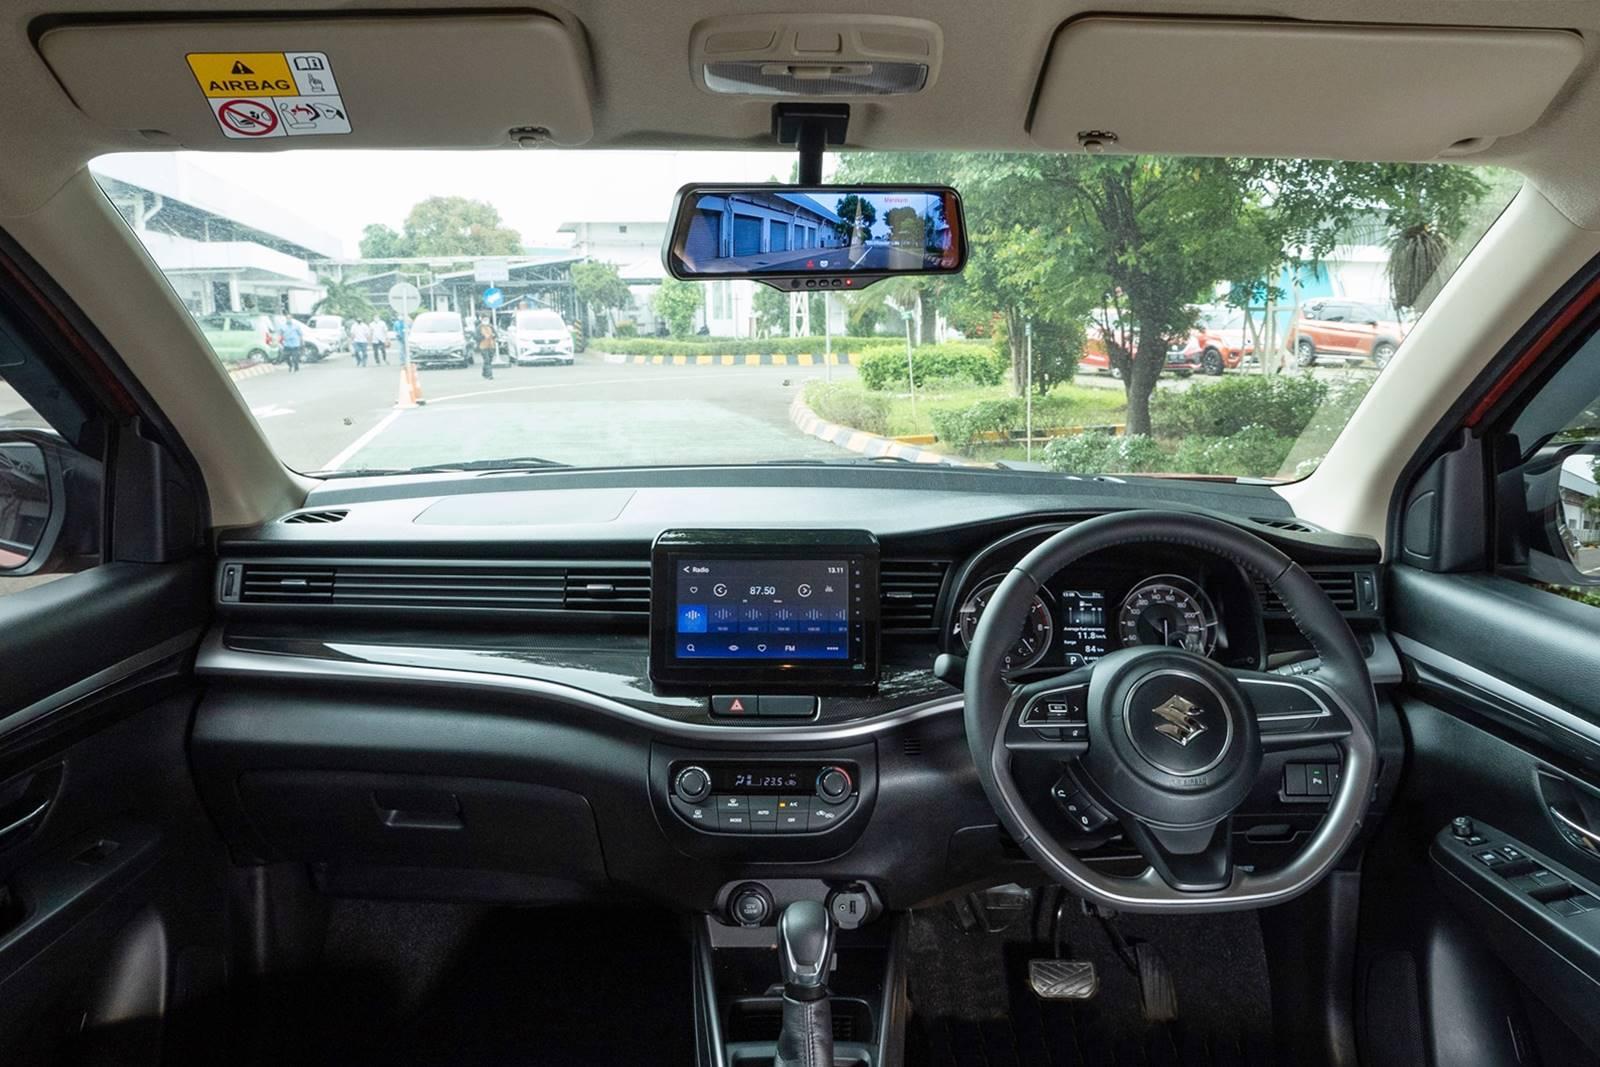 Cegah Rem Tidak Berfungsi Secara Normal Saat Berkendara